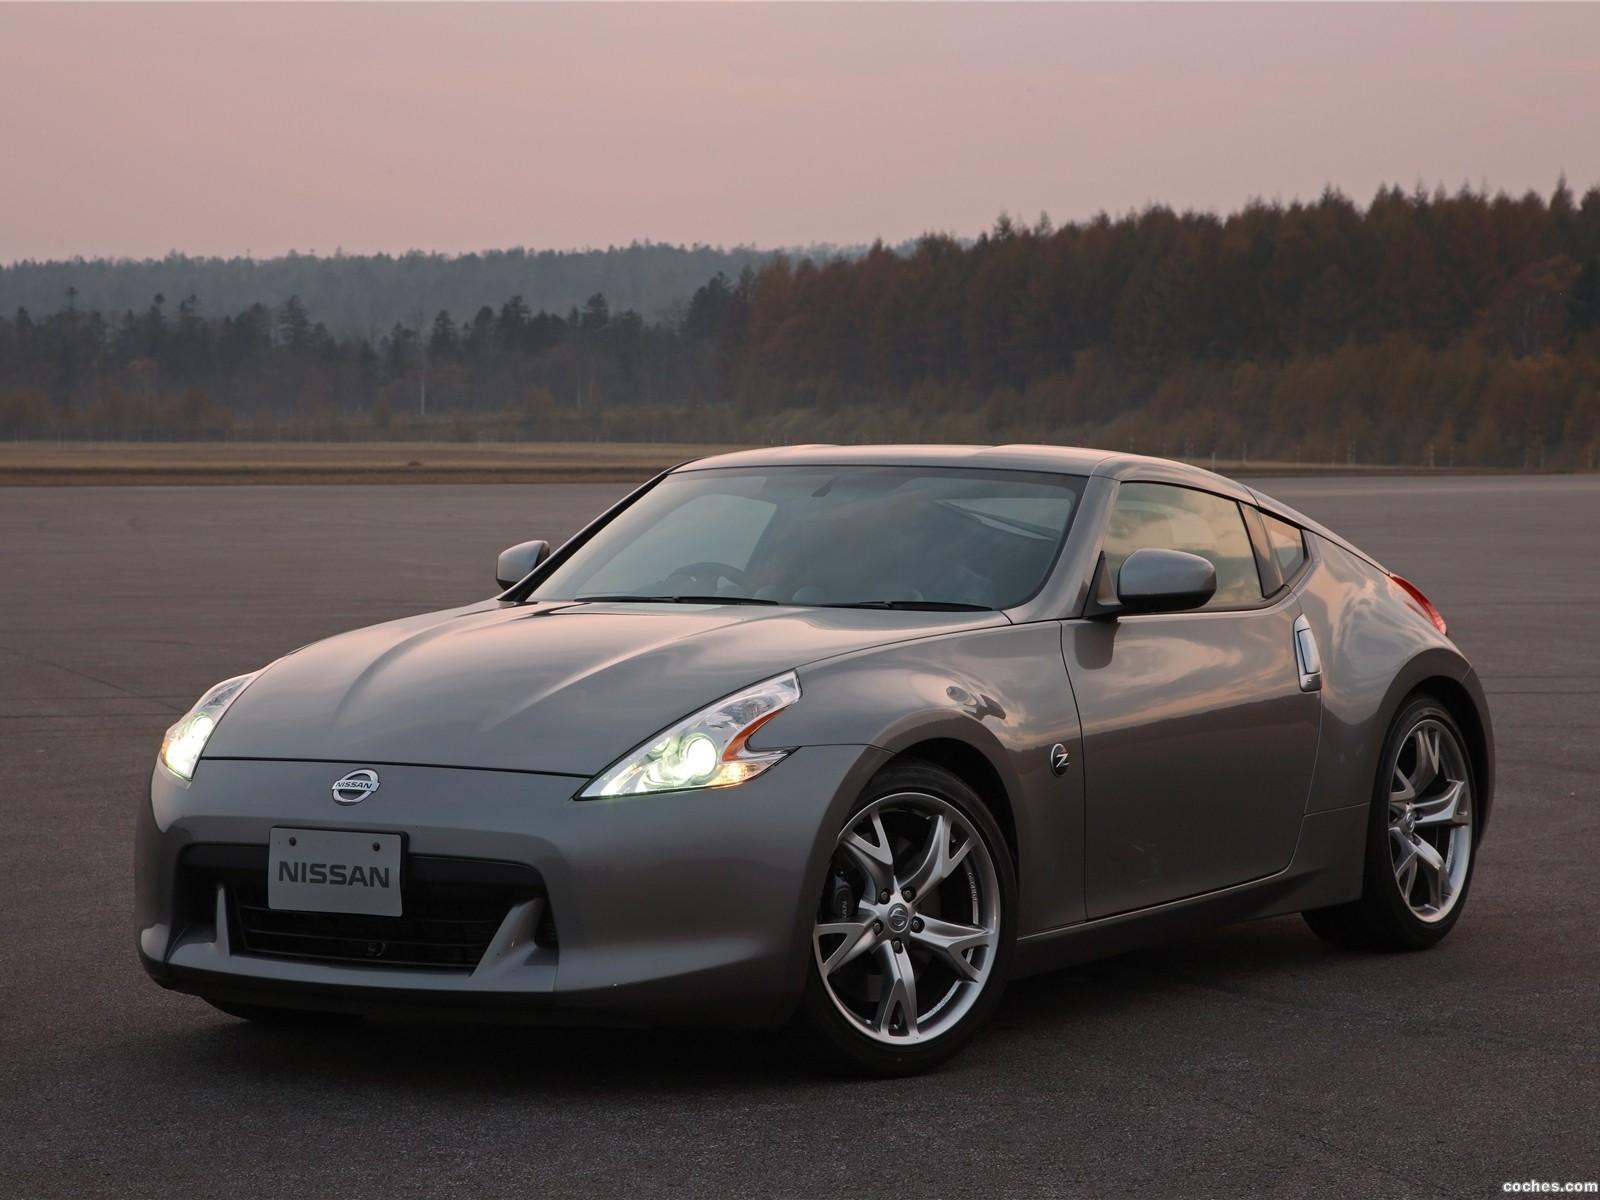 Foto 0 de Nissan Fairlady Z 2008